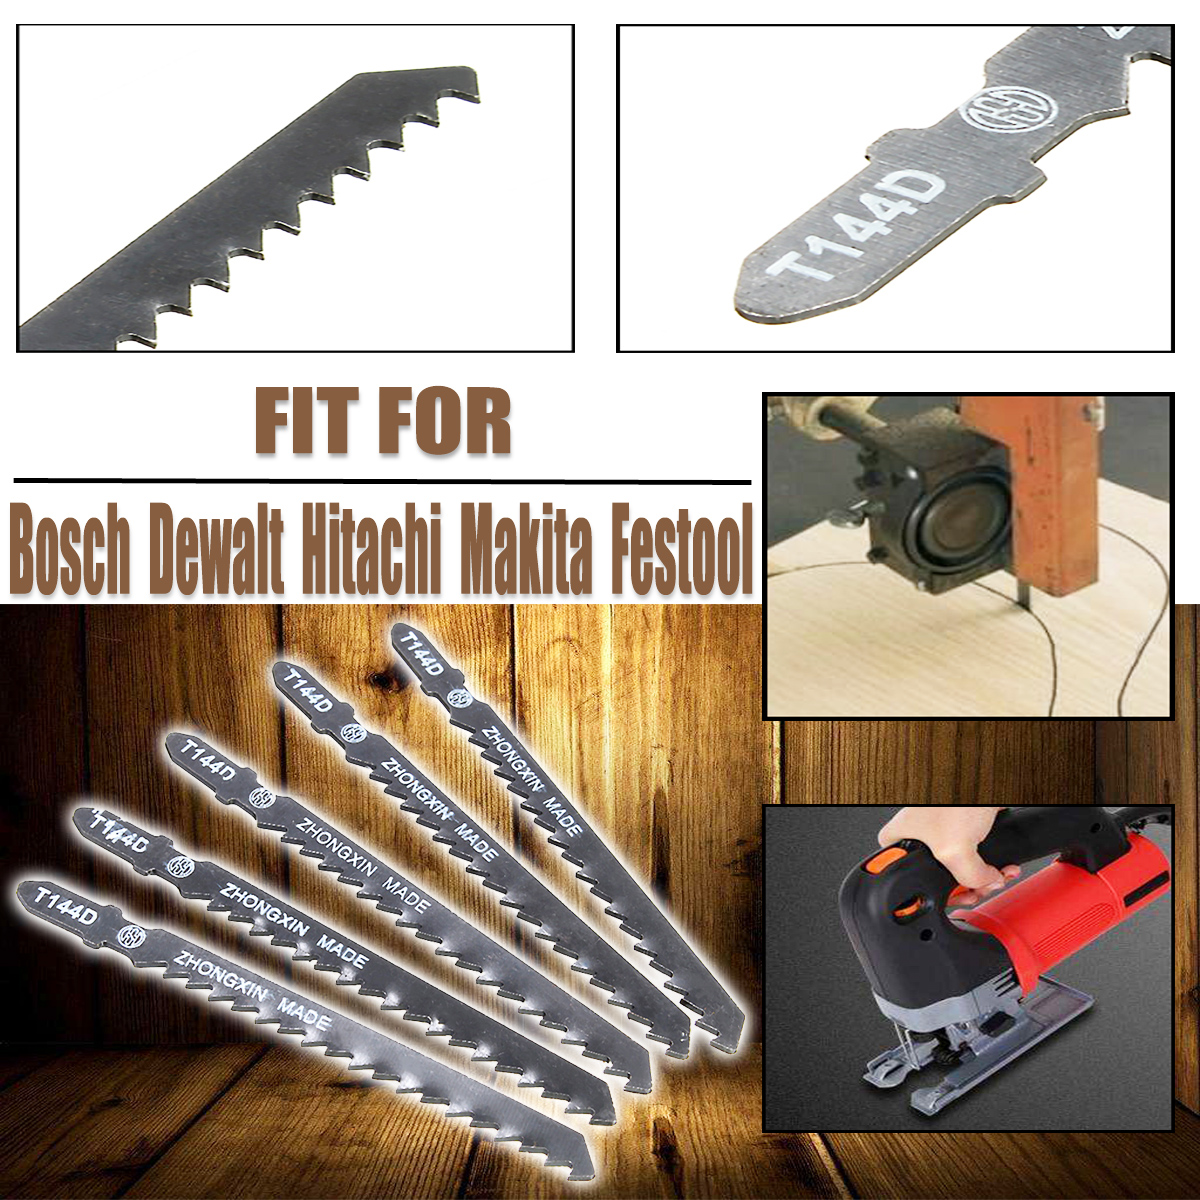 10Pcs Jigsaw Blades Wood Cutter T144D Fit Bosch Hitachi Makita Festool